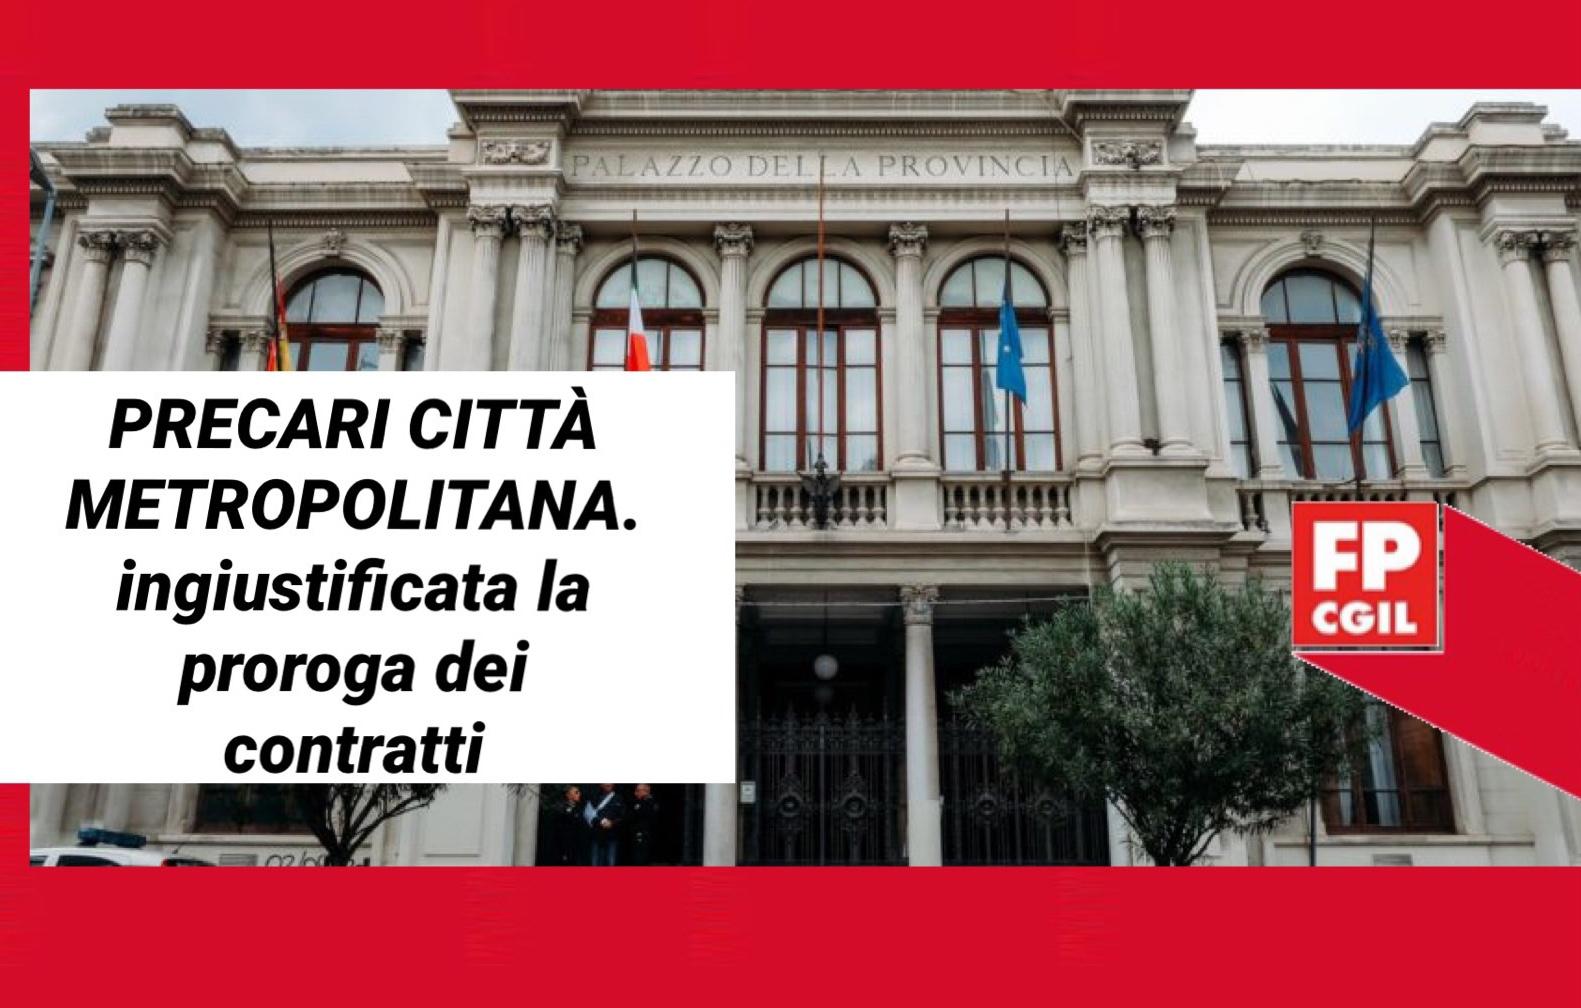 Precari Città Metropolitana, per FP CGIL e CSA assolutamente ingiustificata la proroga dei contratti fino al 31 ottobre e non 31 dicembre. «Da parte del sindaco De Luca ennesima offesa alla dignità dei lavoratori»